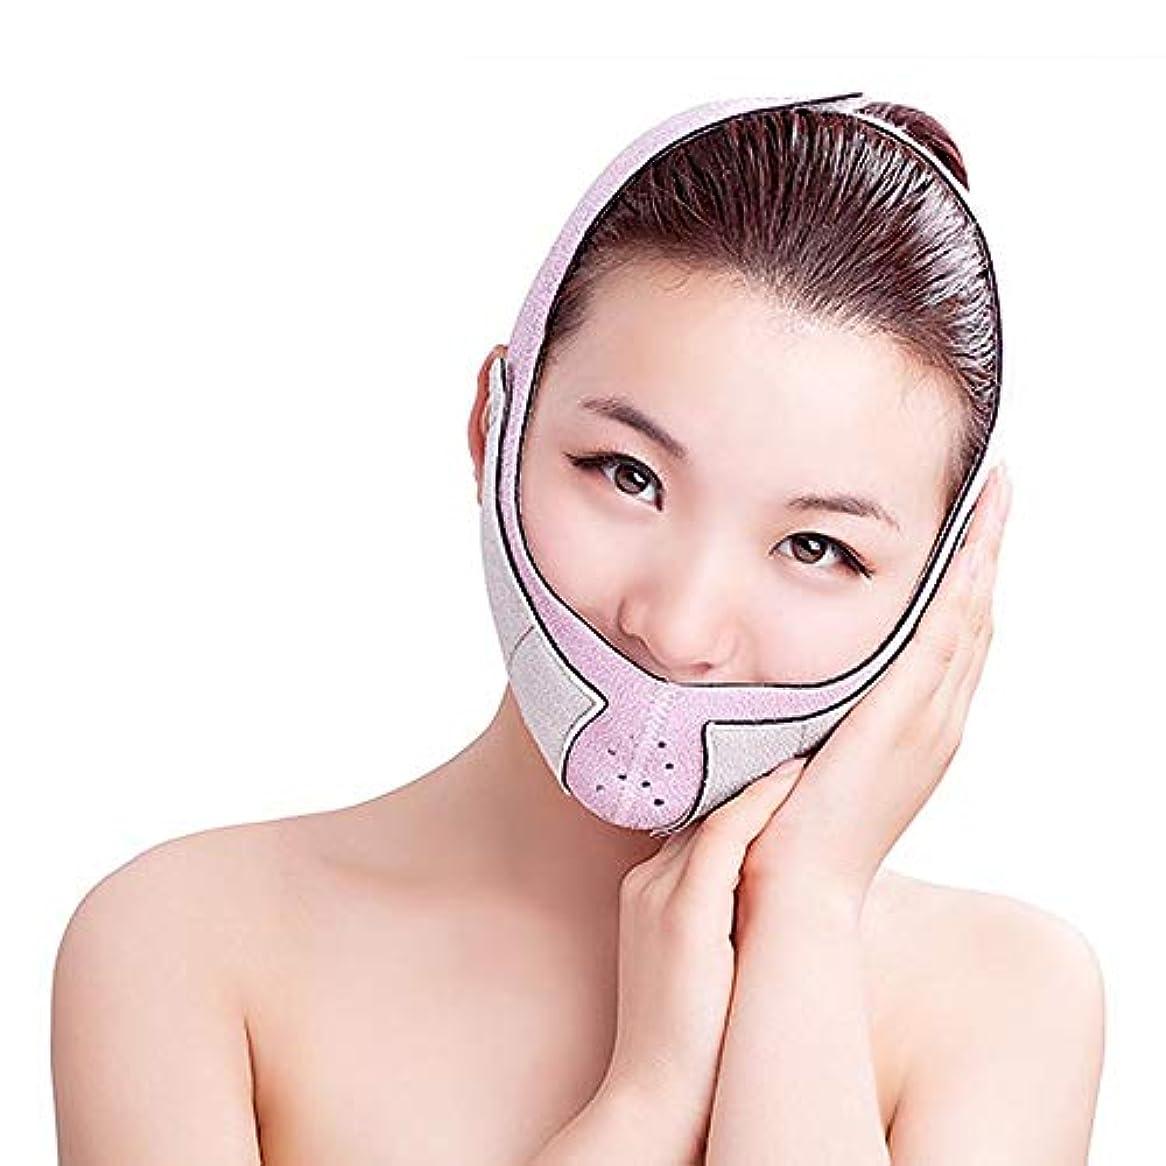 鋸歯状調子絶対に薄い顔のベルト - 薄い顔のベルト通気性の補正3D薄い顔のV顔のベルトの包帯薄い顔のアーティファクト 美しさ (色 : B)